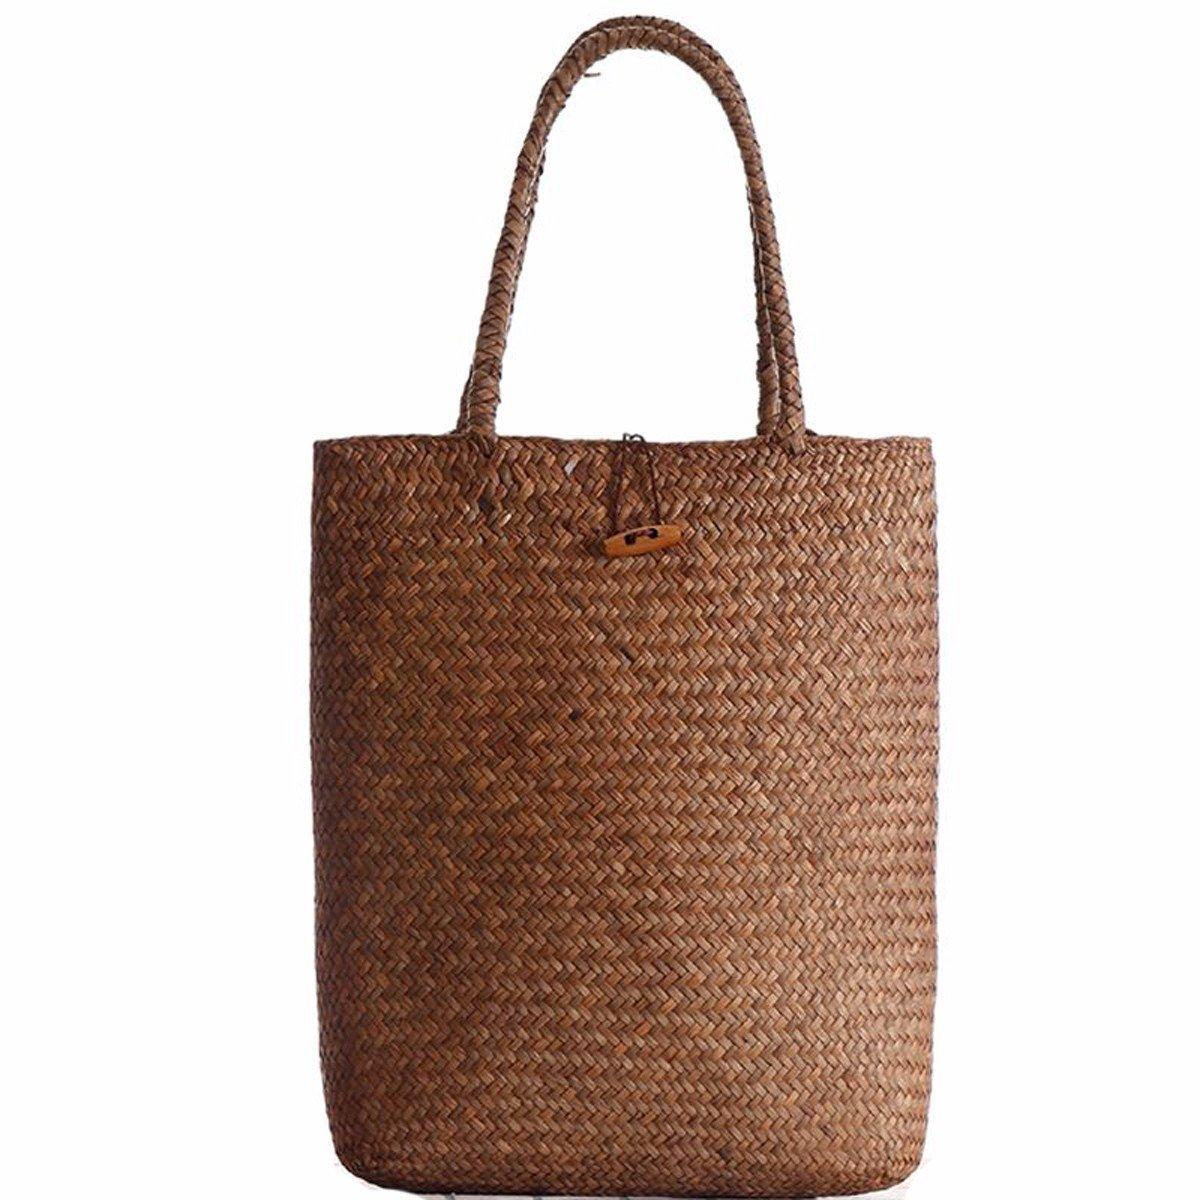 GTVERNH-der Frauen/Mode Handtasche/All-Match/Mori Gewebte Taschen umhängetaschen Stroh Gewebte Taschen pastoralen Beach - Taschen Frauen - Taschen - Taschen.